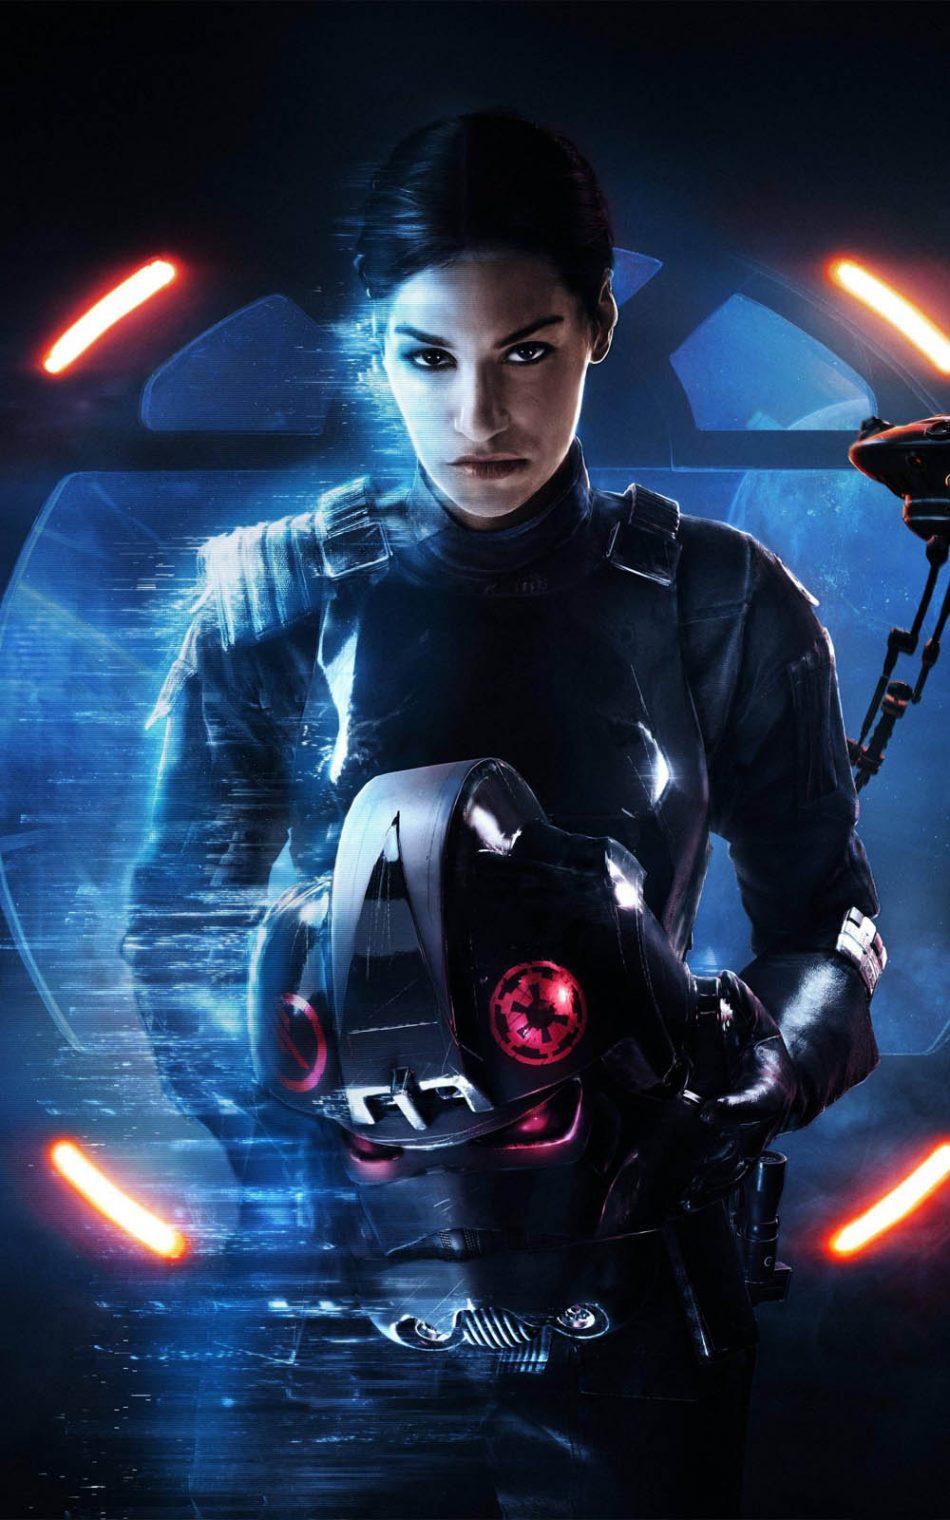 Janina Gavankar In Star Wars Battlefront 2 4k Ultra Hd Mobile Wallpaper